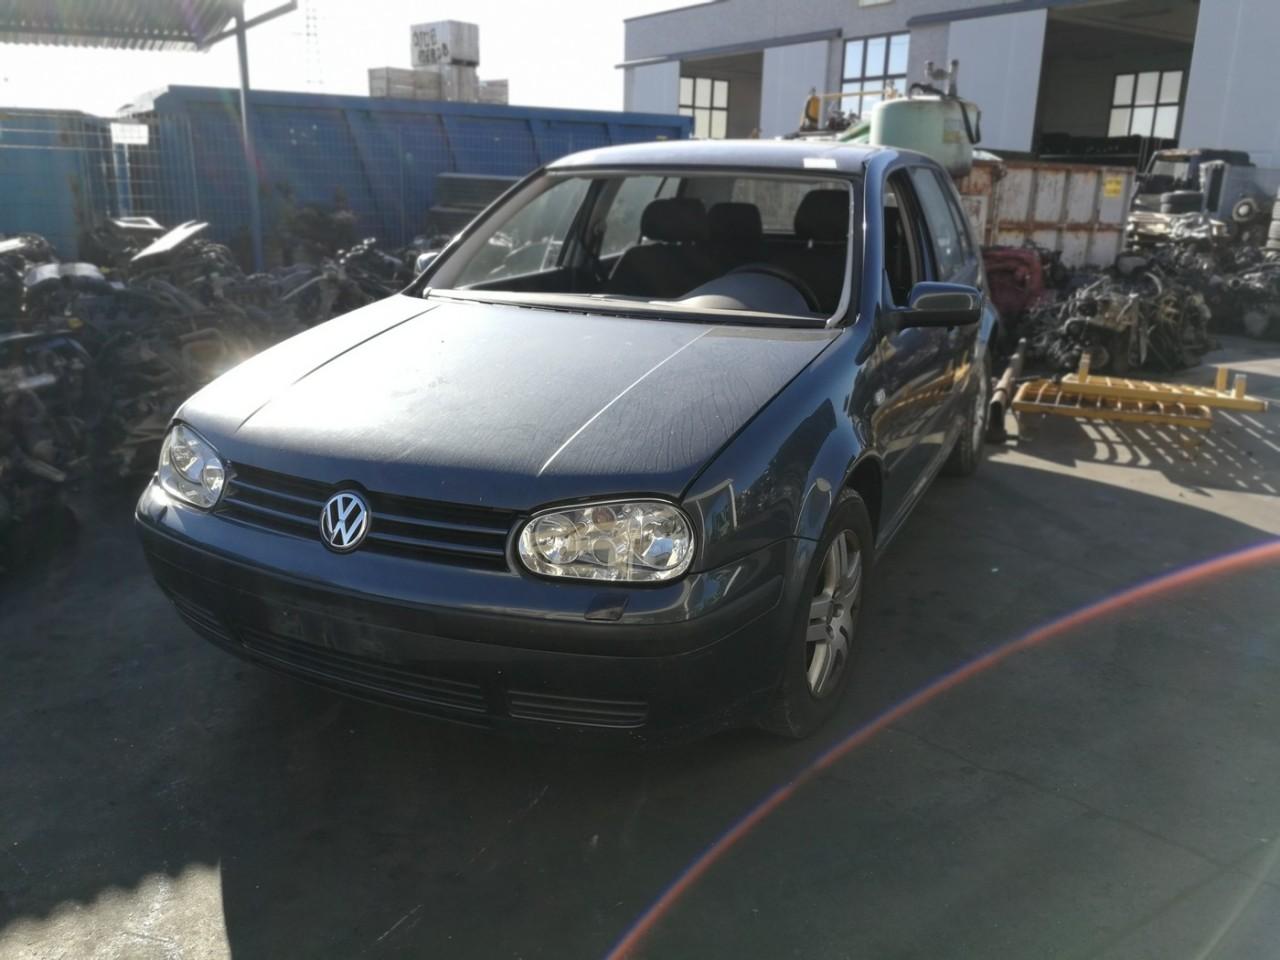 Dezmembrez Volkswagen Golf 4 1.9tdi an 2004 tip motor AXR